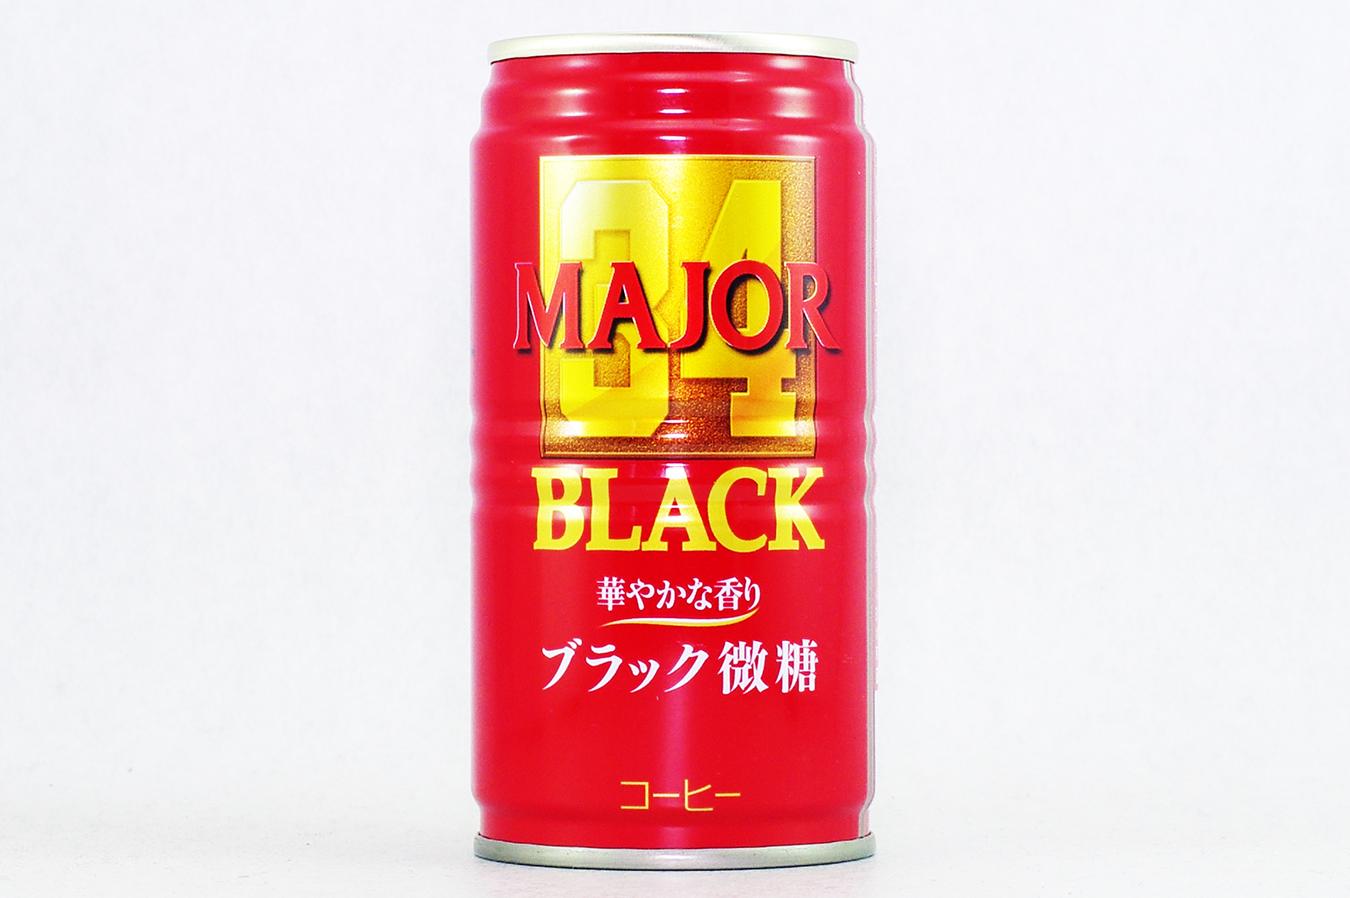 MAJOR 華やかな香り ブラック微糖 2018年10月